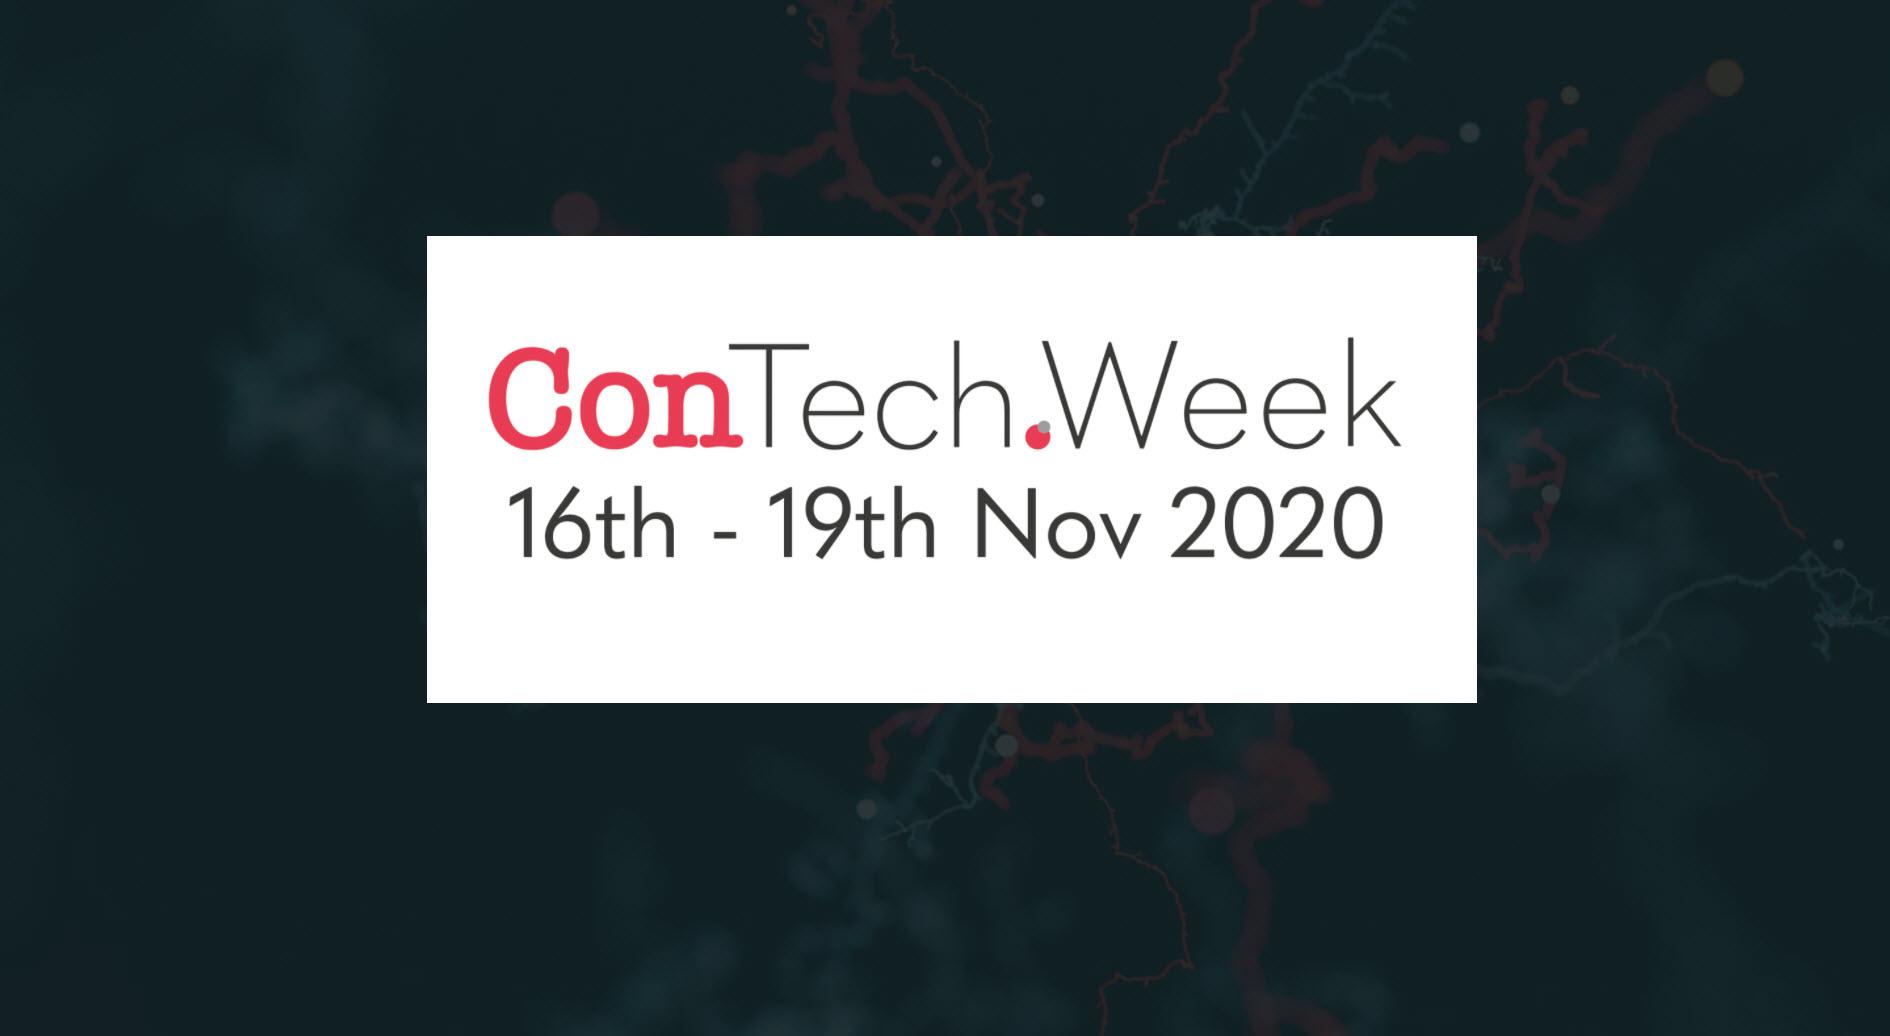 ConTech Week 2020